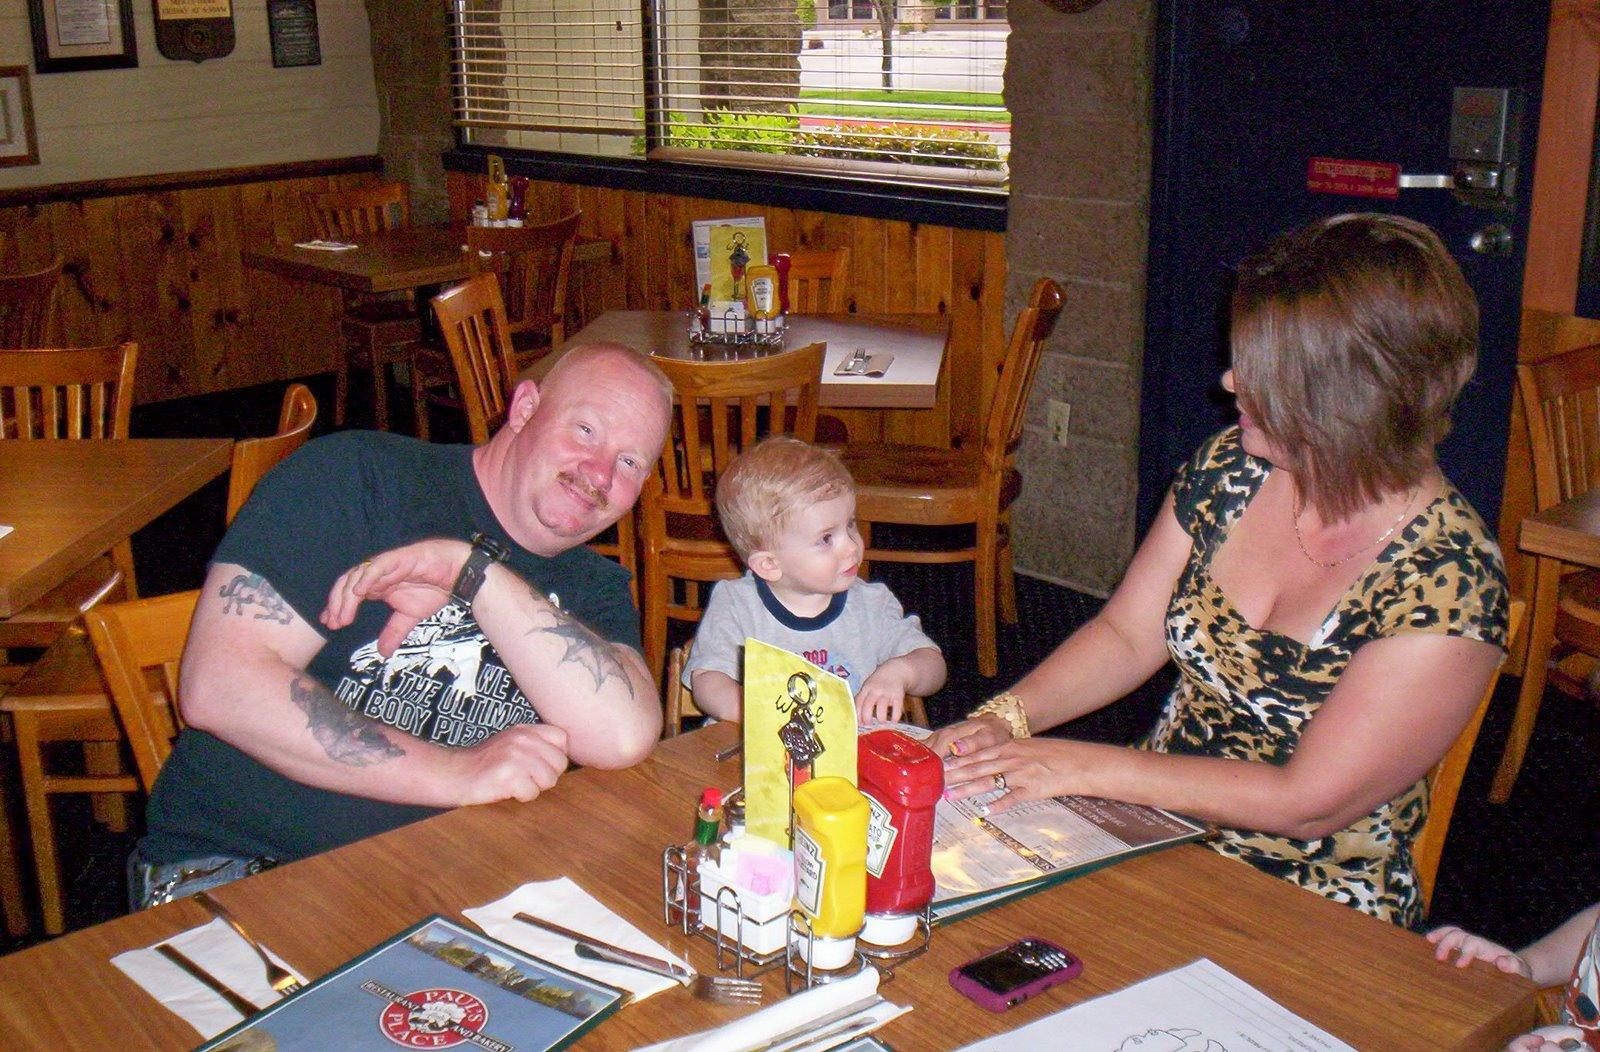 [Jim,+Melissa,+&+Zach+@+Paul's+(better).jpg]